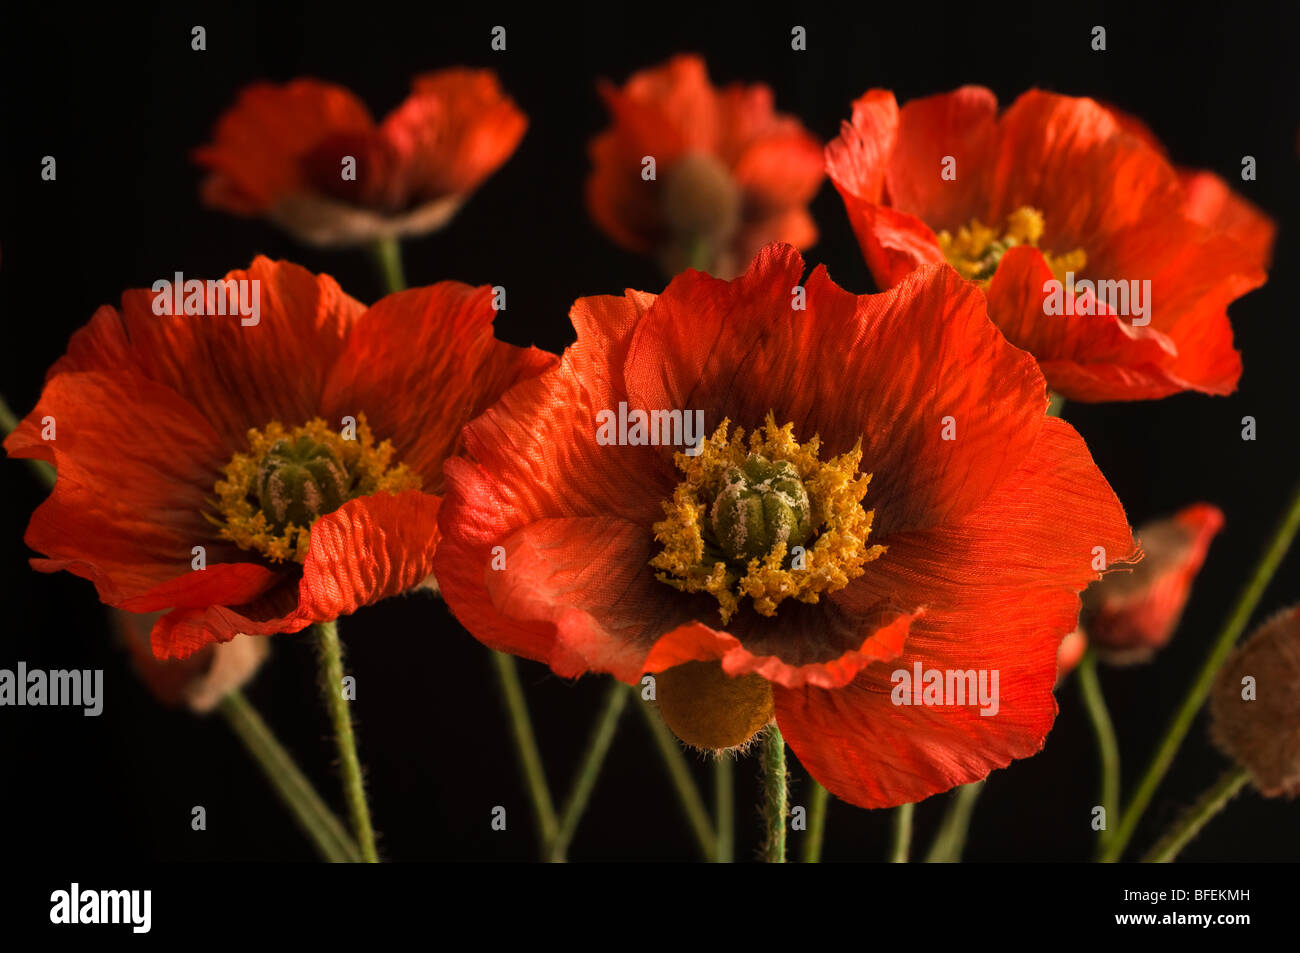 Artificial poppy flowers stock photo 26753009 alamy artificial poppy flowers mightylinksfo